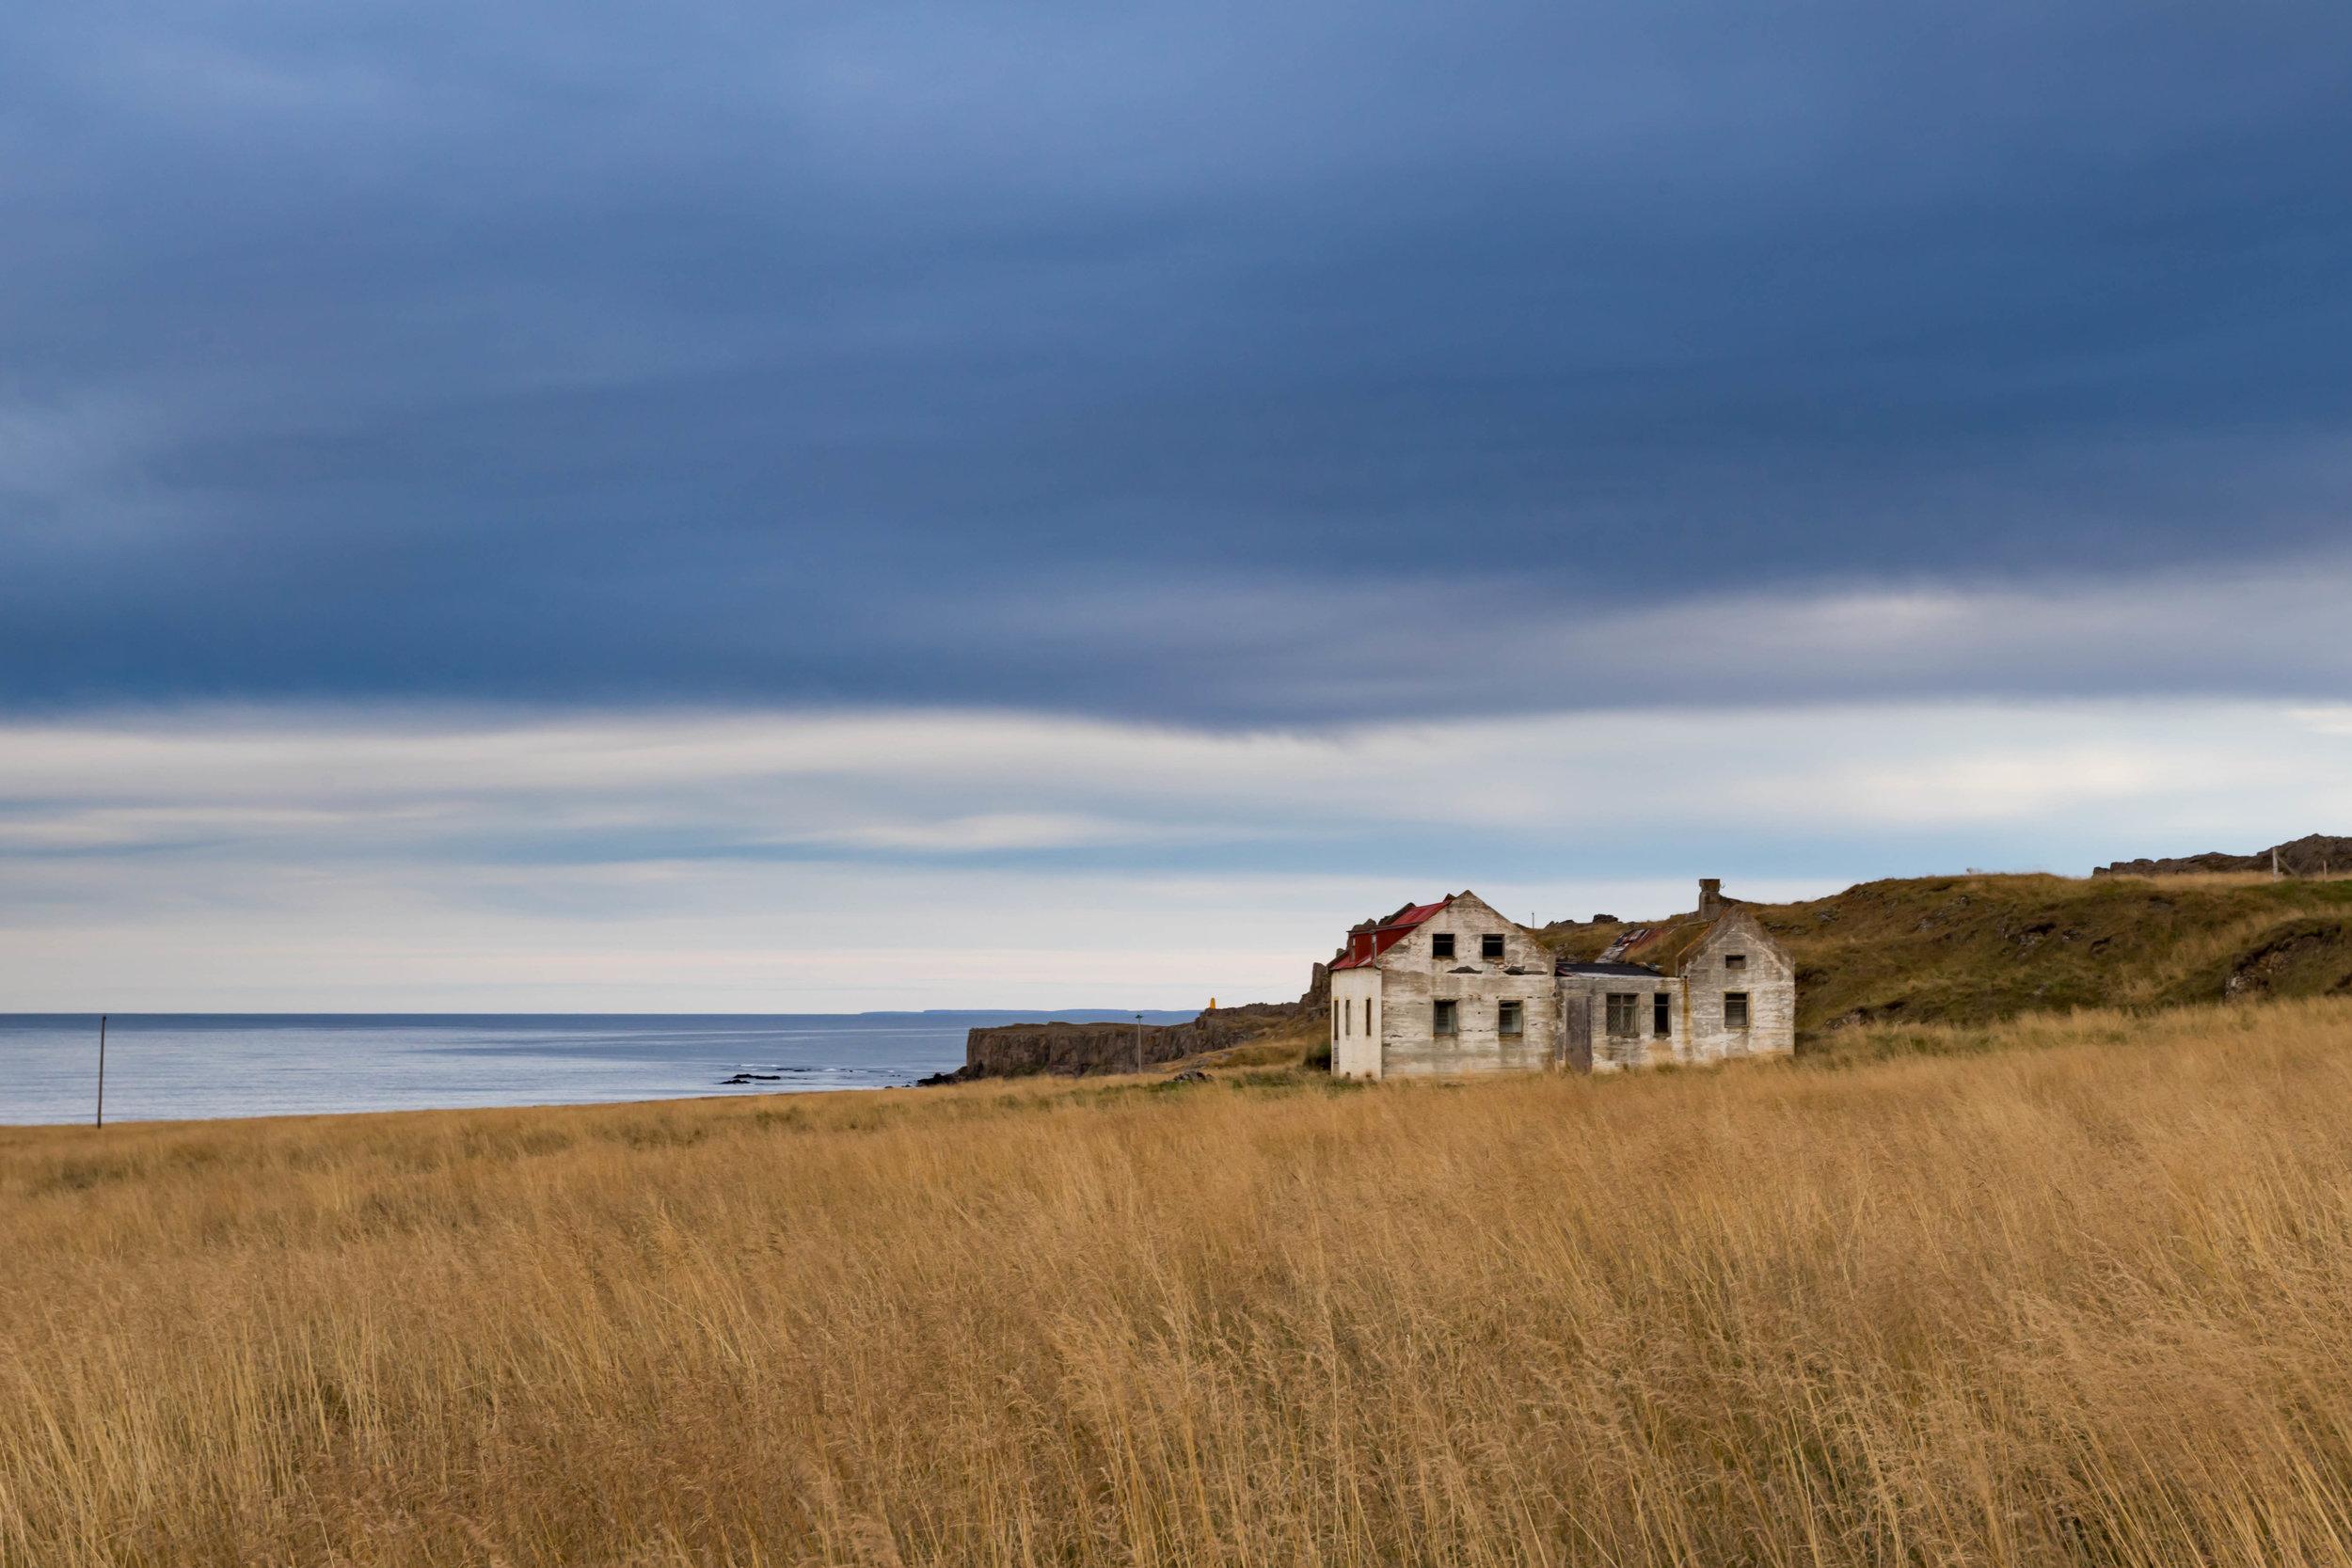 forsaken by the shore - vatnsnes peninsula